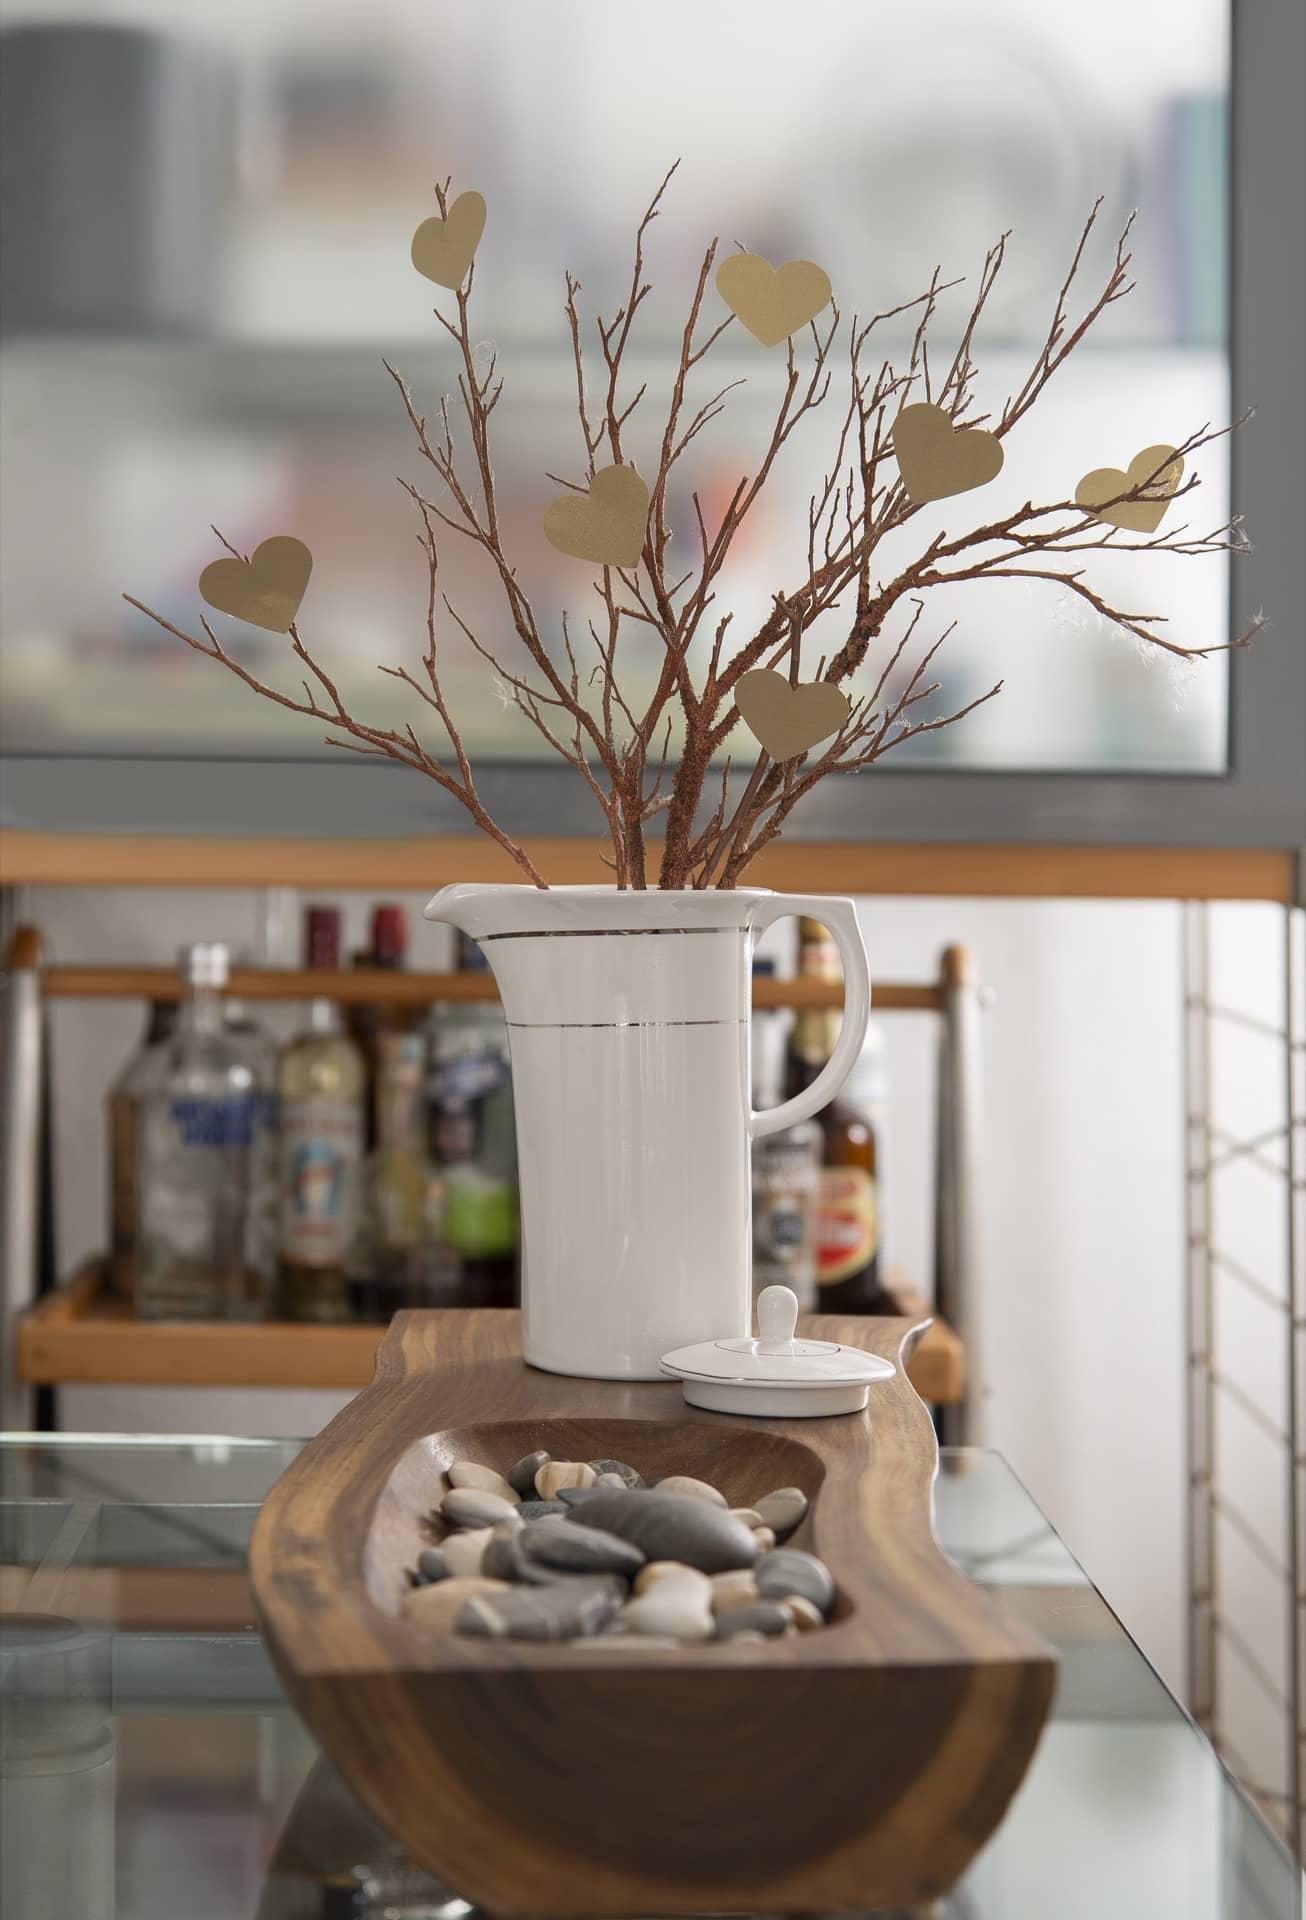 Imagem: Decore o ambiente com um arranjo de galhos secos e corações de papel. Com a ajuda de um cortador de papel em forma de coração, faça vários coraçõezinhos e prenda em um galho seco. Em vez de colocá-lo num vaso, use um utensílio diferente, como o bule Flamingo Diamond da Oxford Porcelanas. Foto: Cacá Bratke